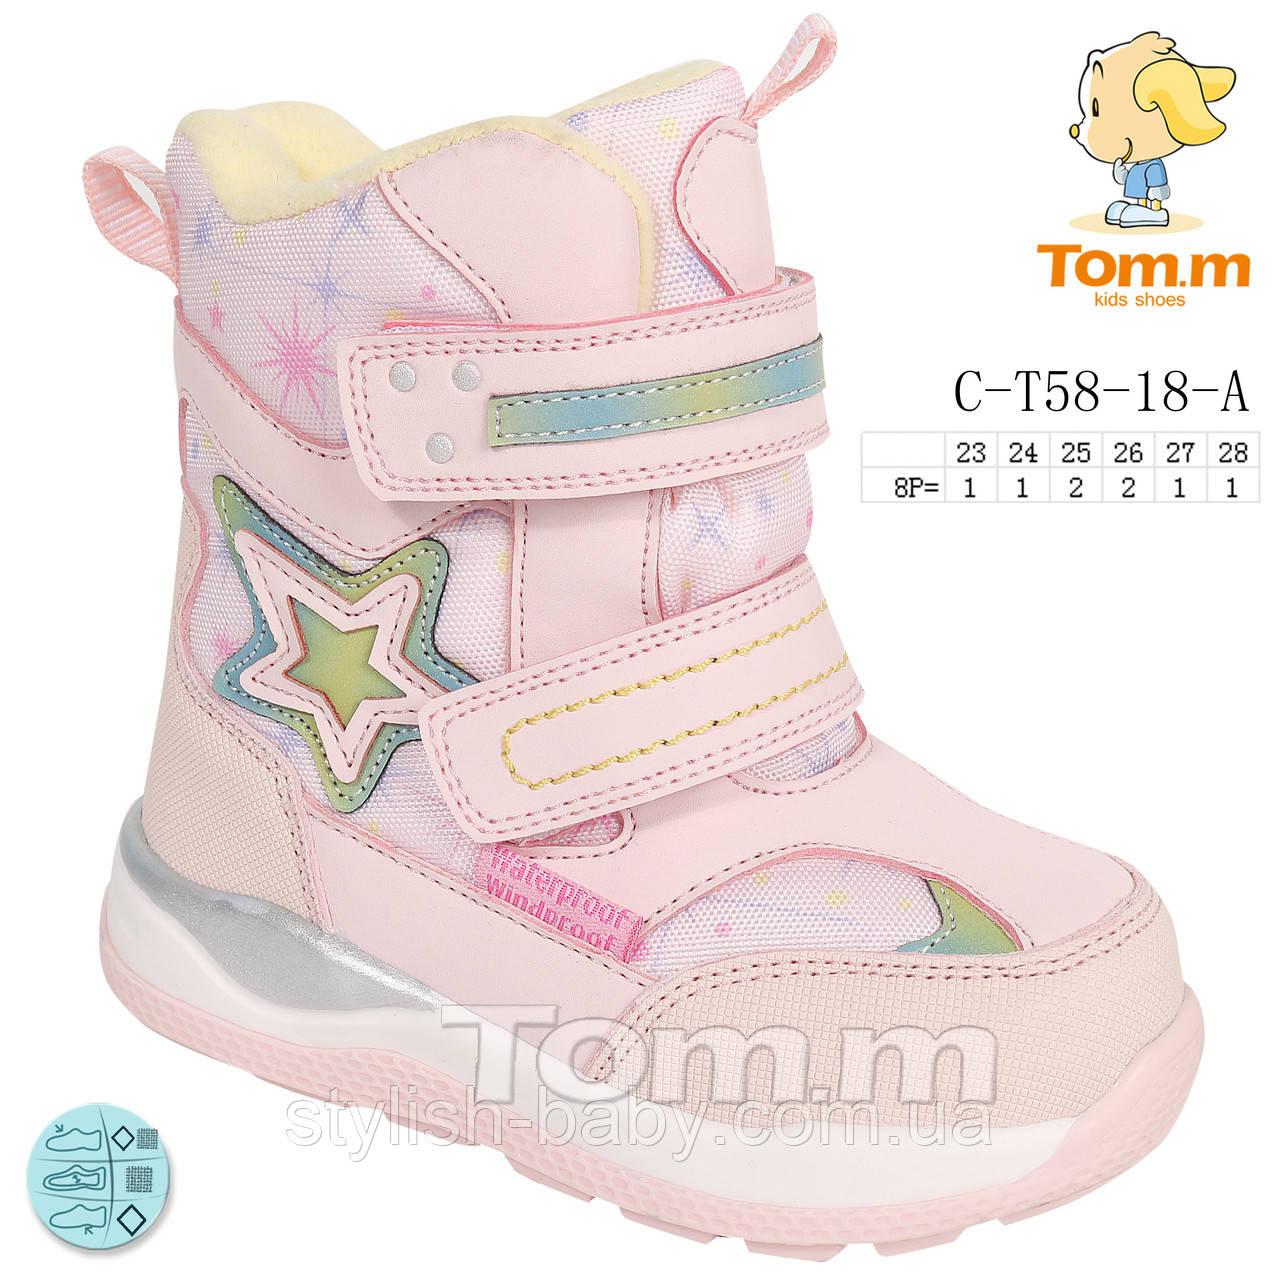 Новейшая детская зимняя коллекция 2019 оптом. Детская зимняя обувь бренда Tom.m для девочек (рр. с 23 по 28)